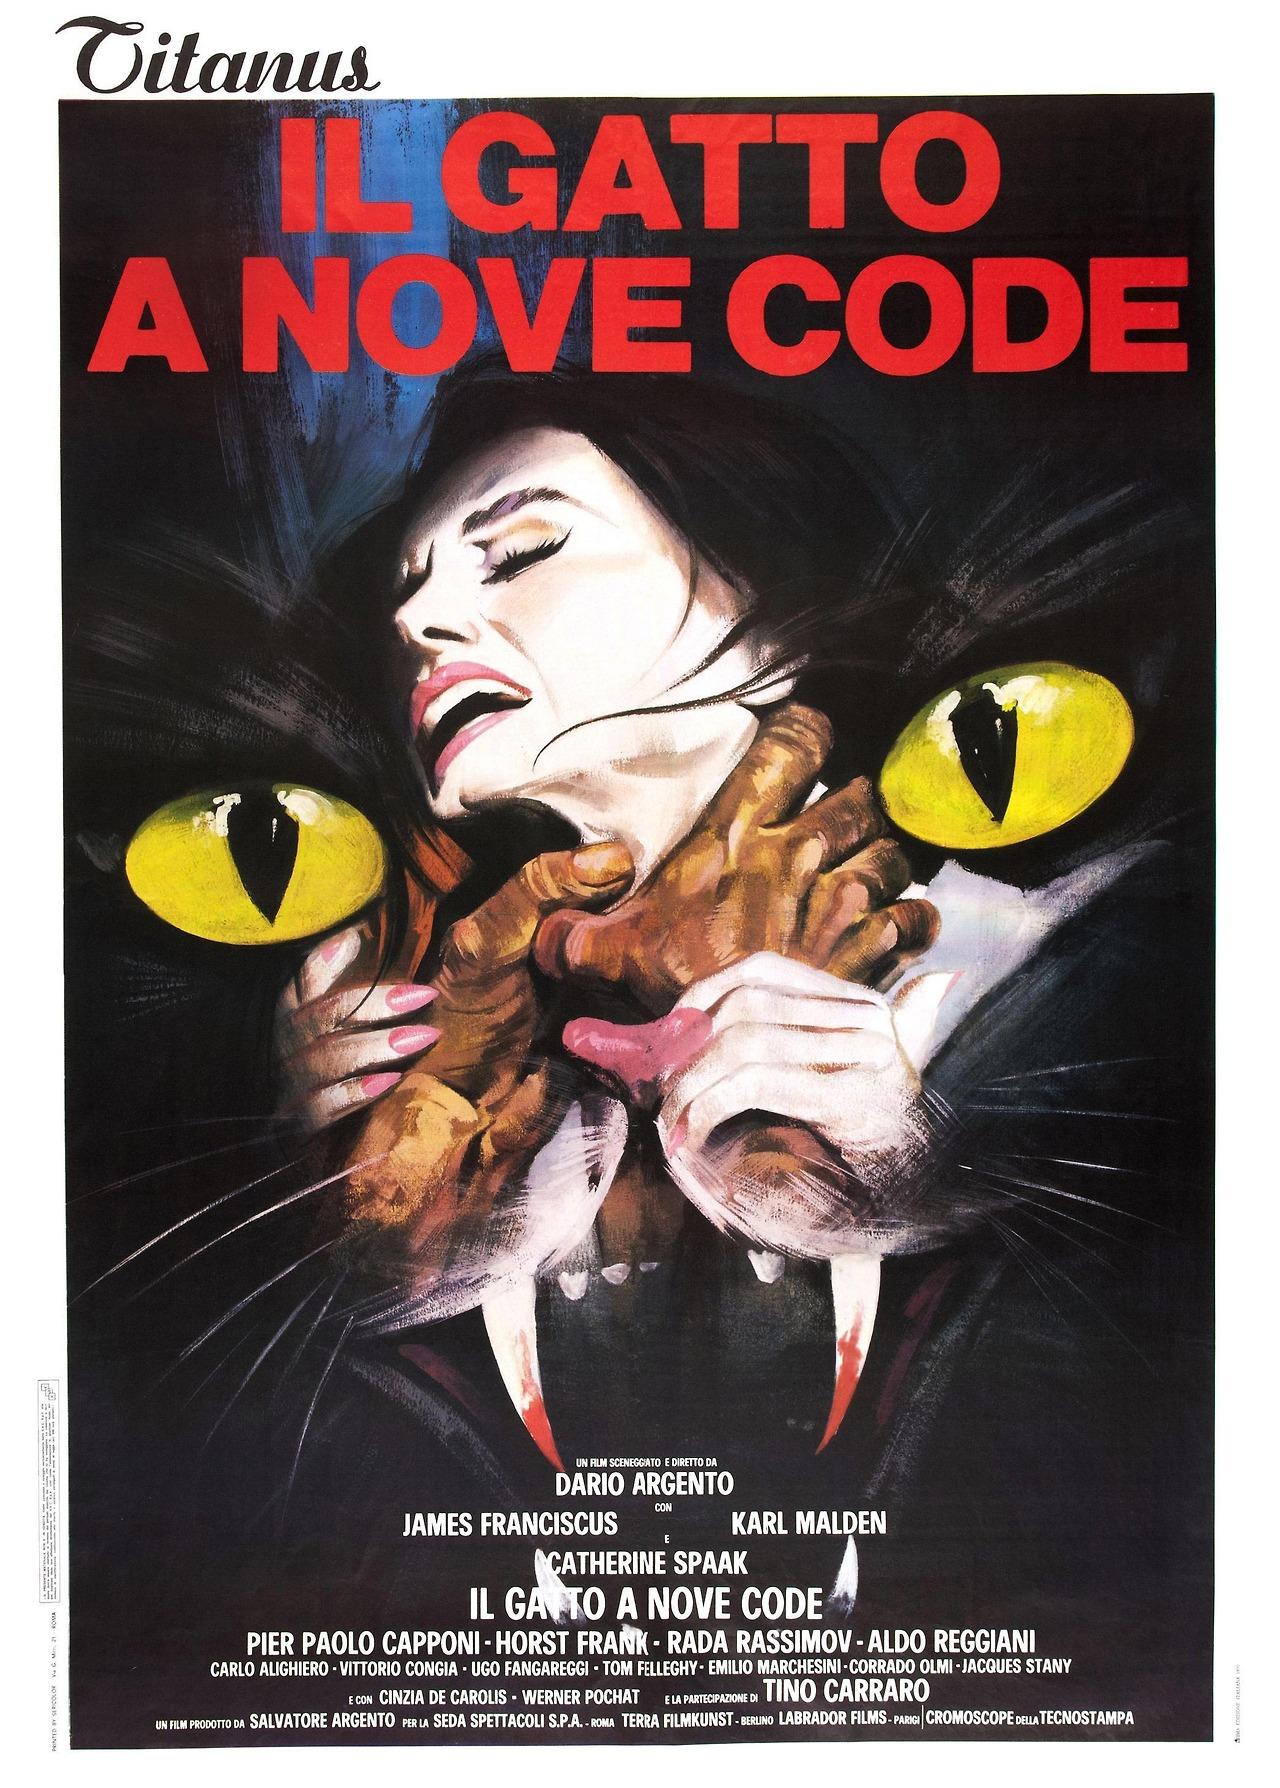 Dario Argento - The Cat o' Nine Tails